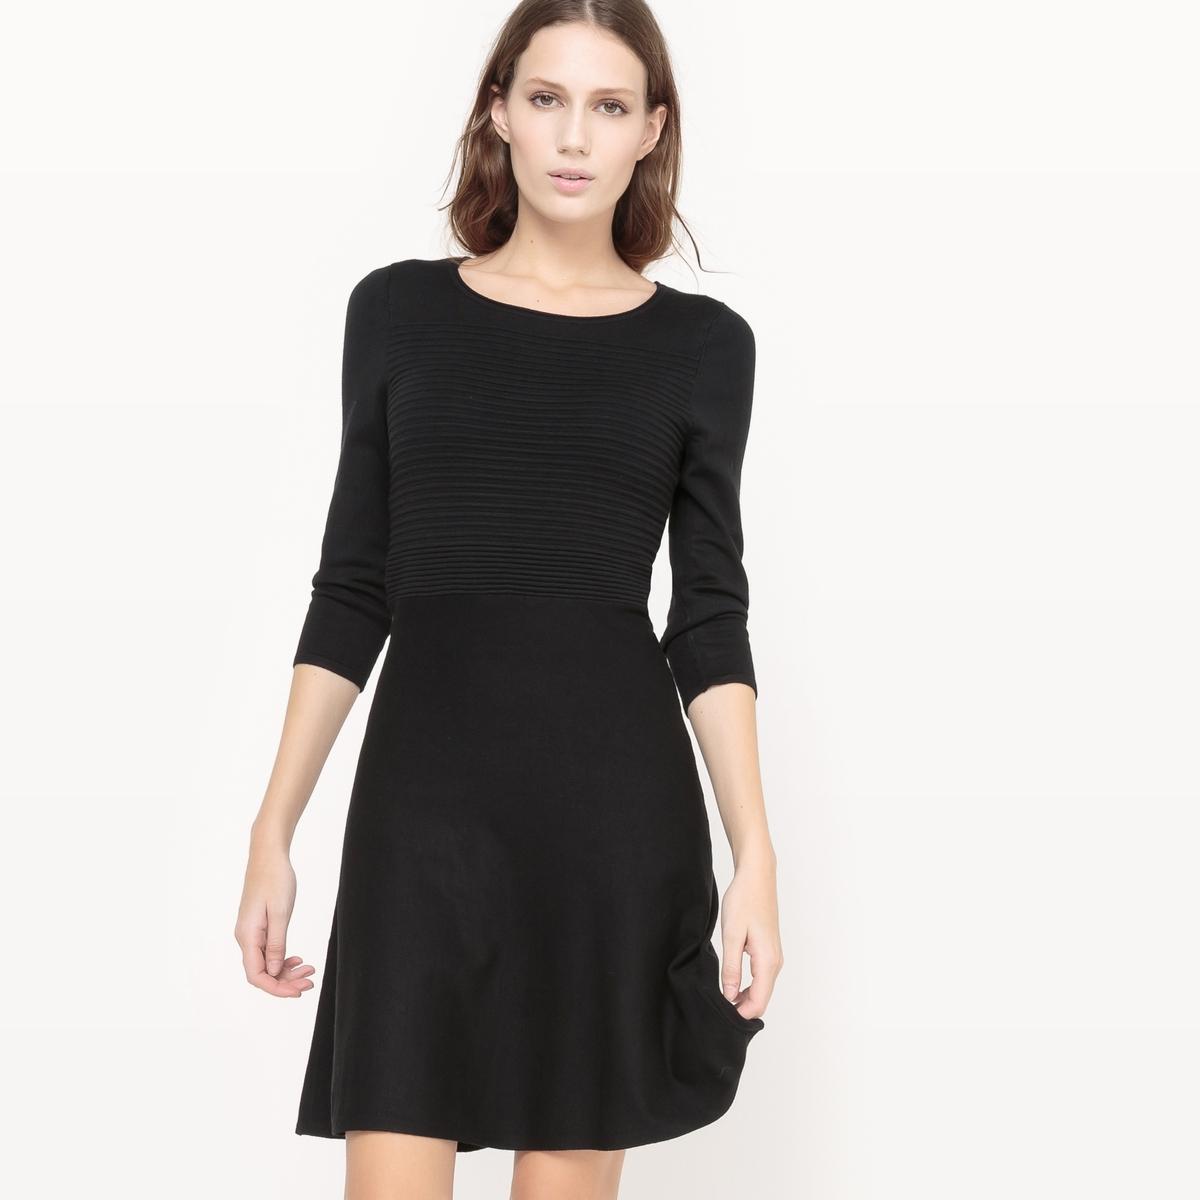 Платье трикотажноеПлатье TOM TAILOR  . Платье с круглым вырезом из трикотажа . Застежка на молнию сзади. Рисунок в горизонтальную полоску . Состав и описание :Материал : 70% вискозы, 30% полиамидаМарка : TOM TAILOR.<br><br>Цвет: черный